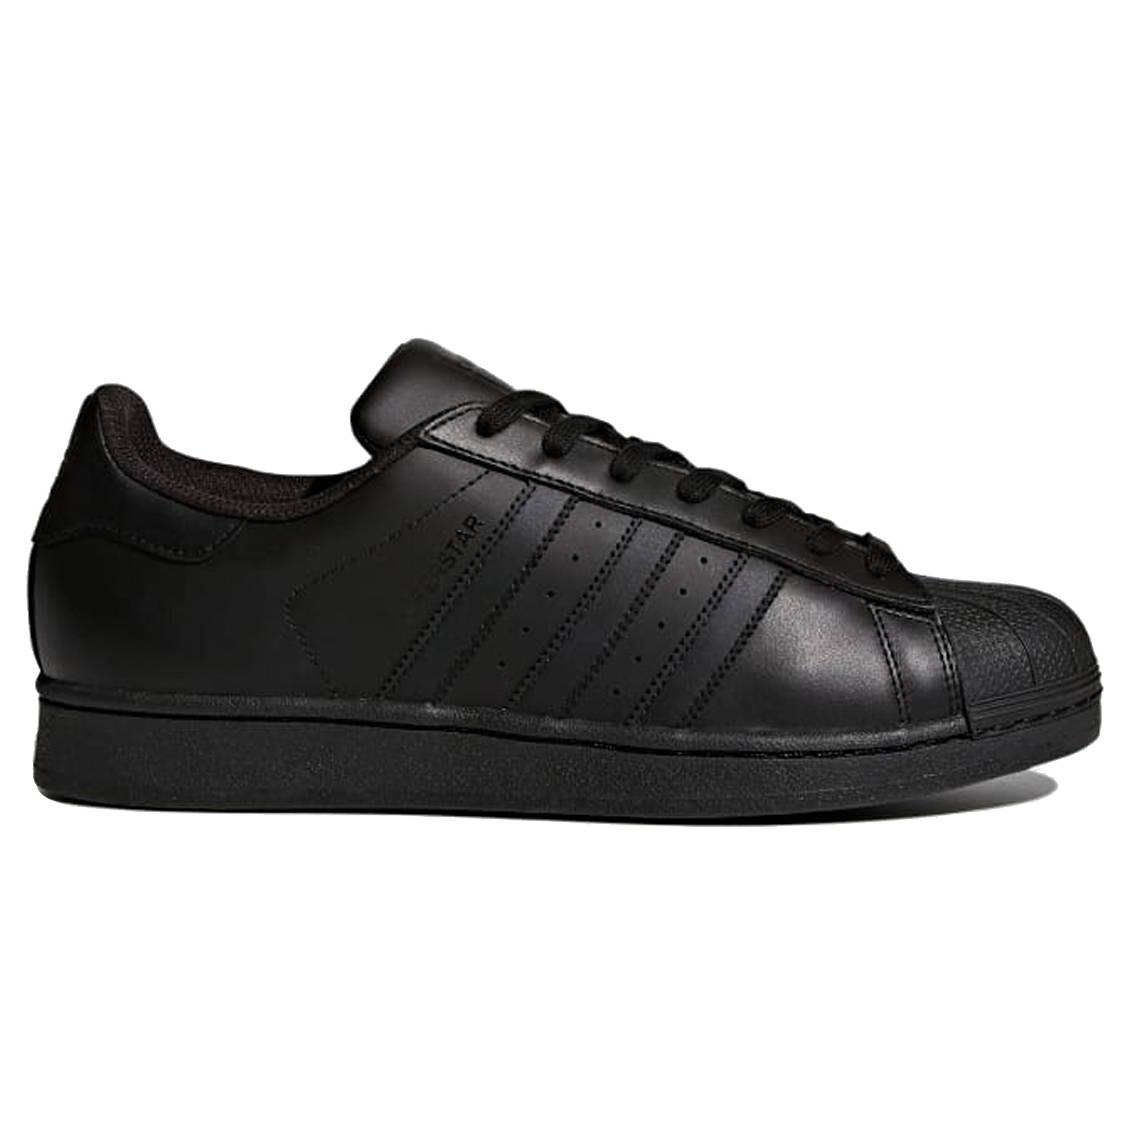 Baskets Adidas Superstar en cuir enduit noir